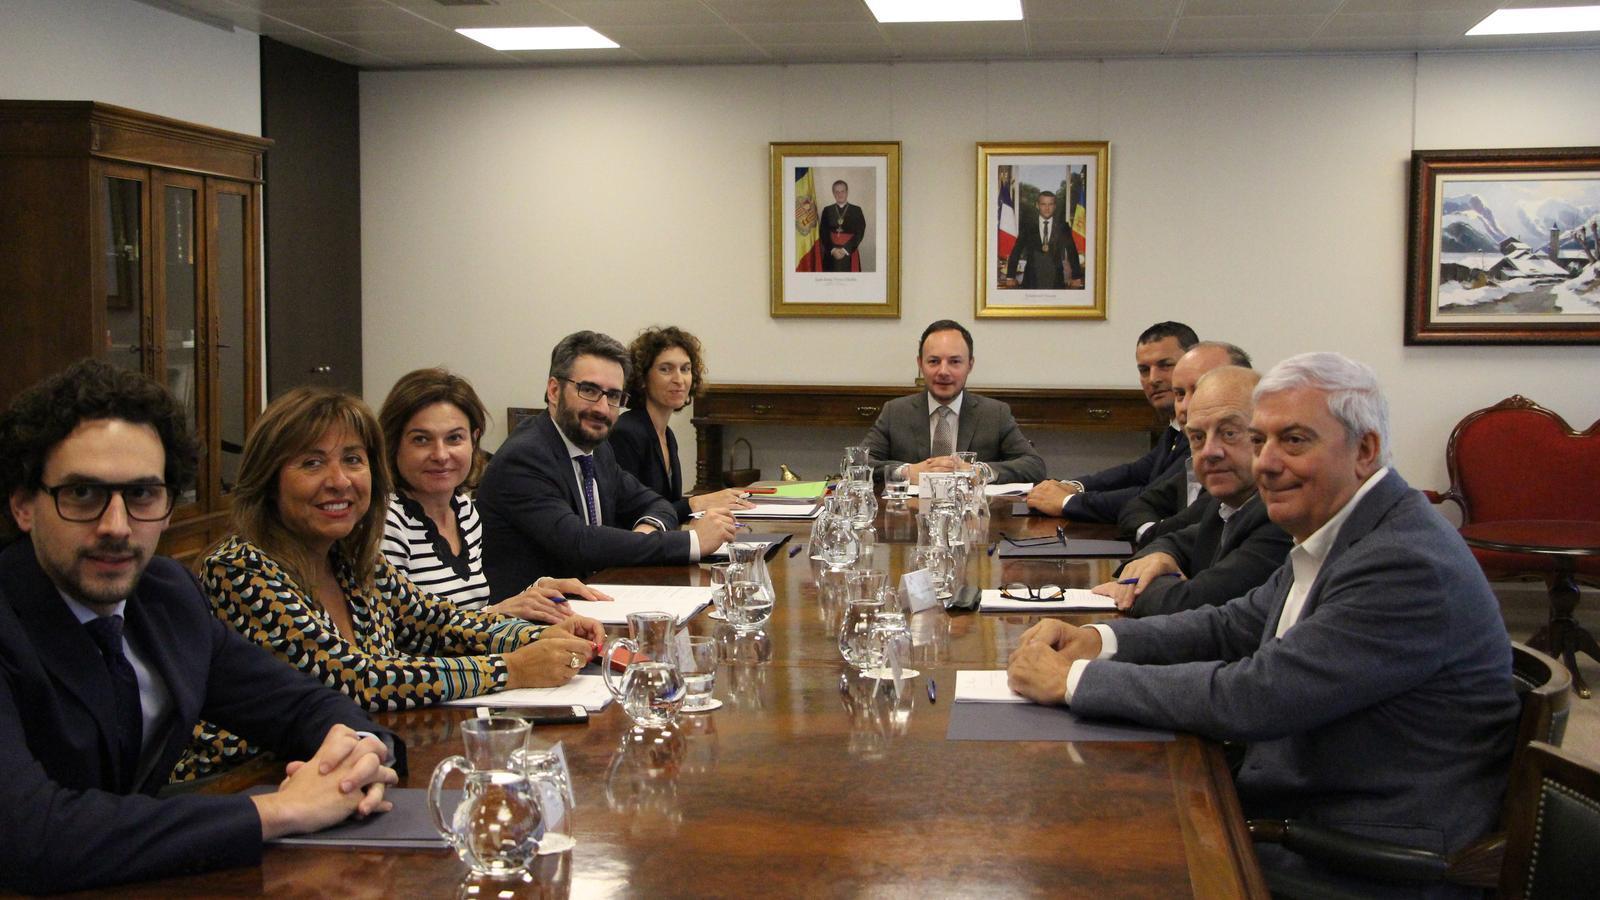 Un moment de la primera reunió de treball del Patronat de la Fundació de l'Oficina de la Cimera Iberoamericana aquest dimecres. / S. M. (ANA)